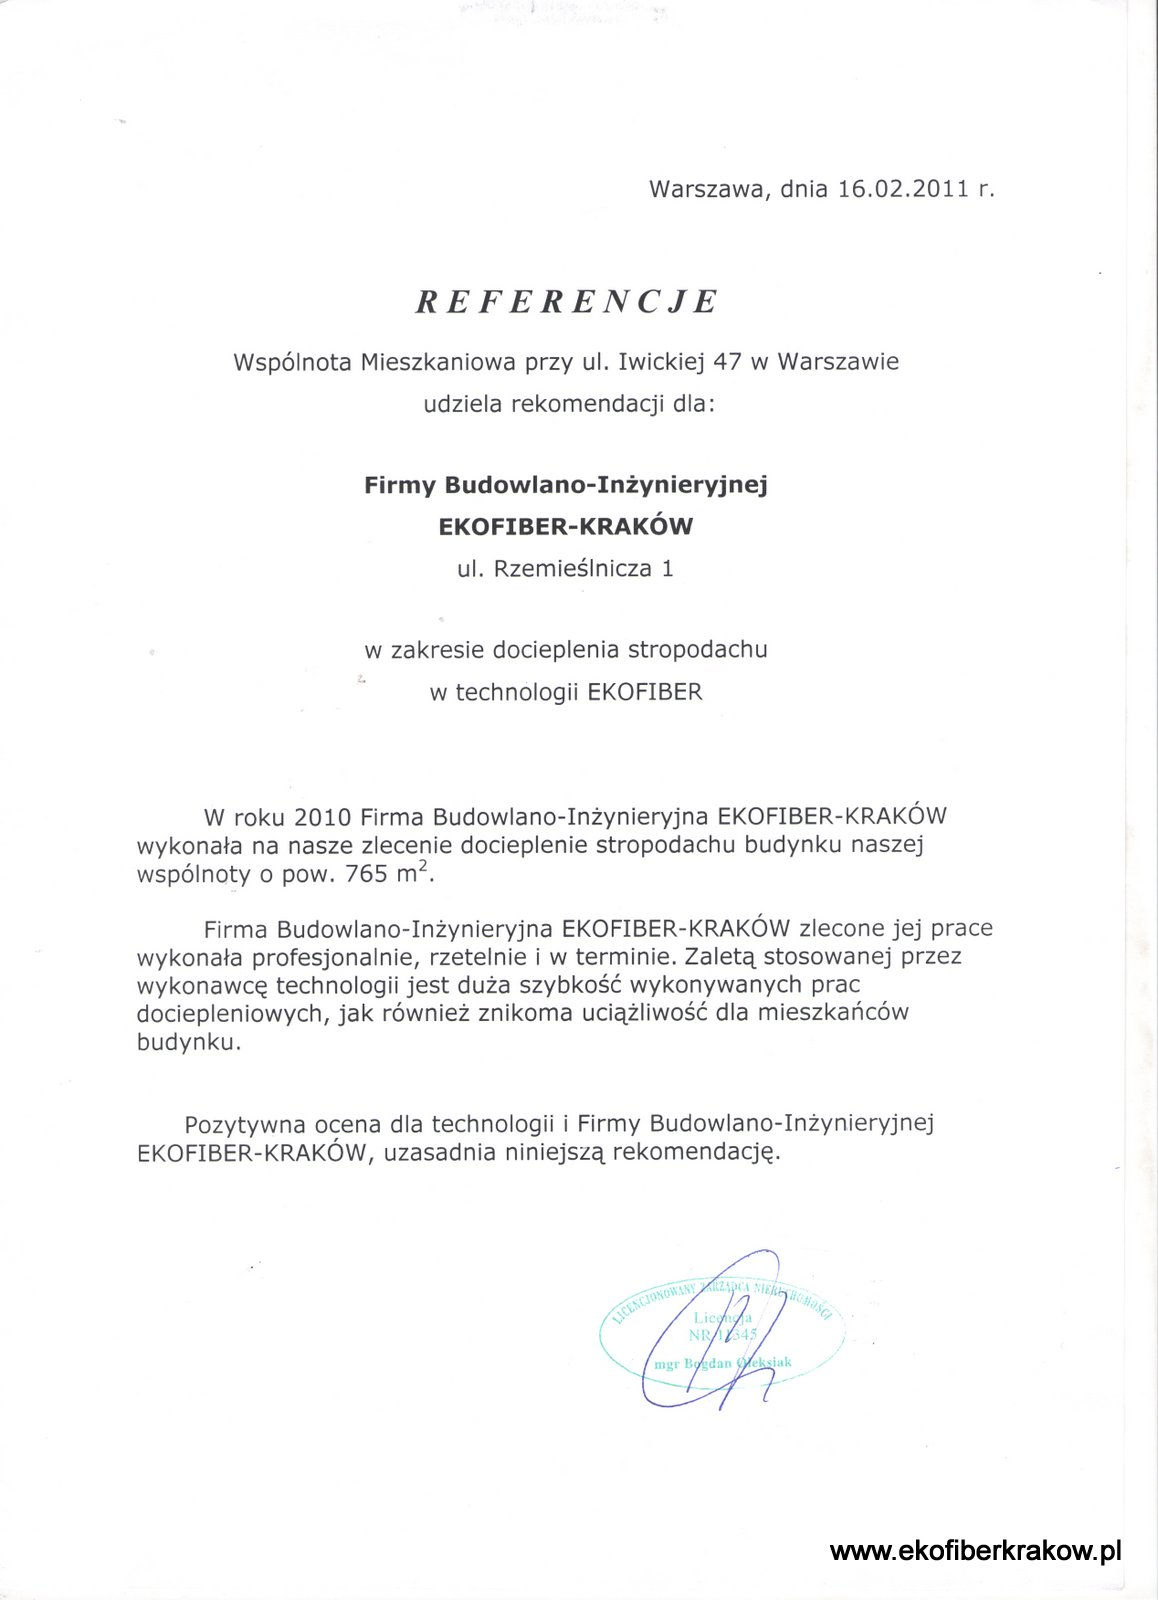 Referencje WM w Warszawie